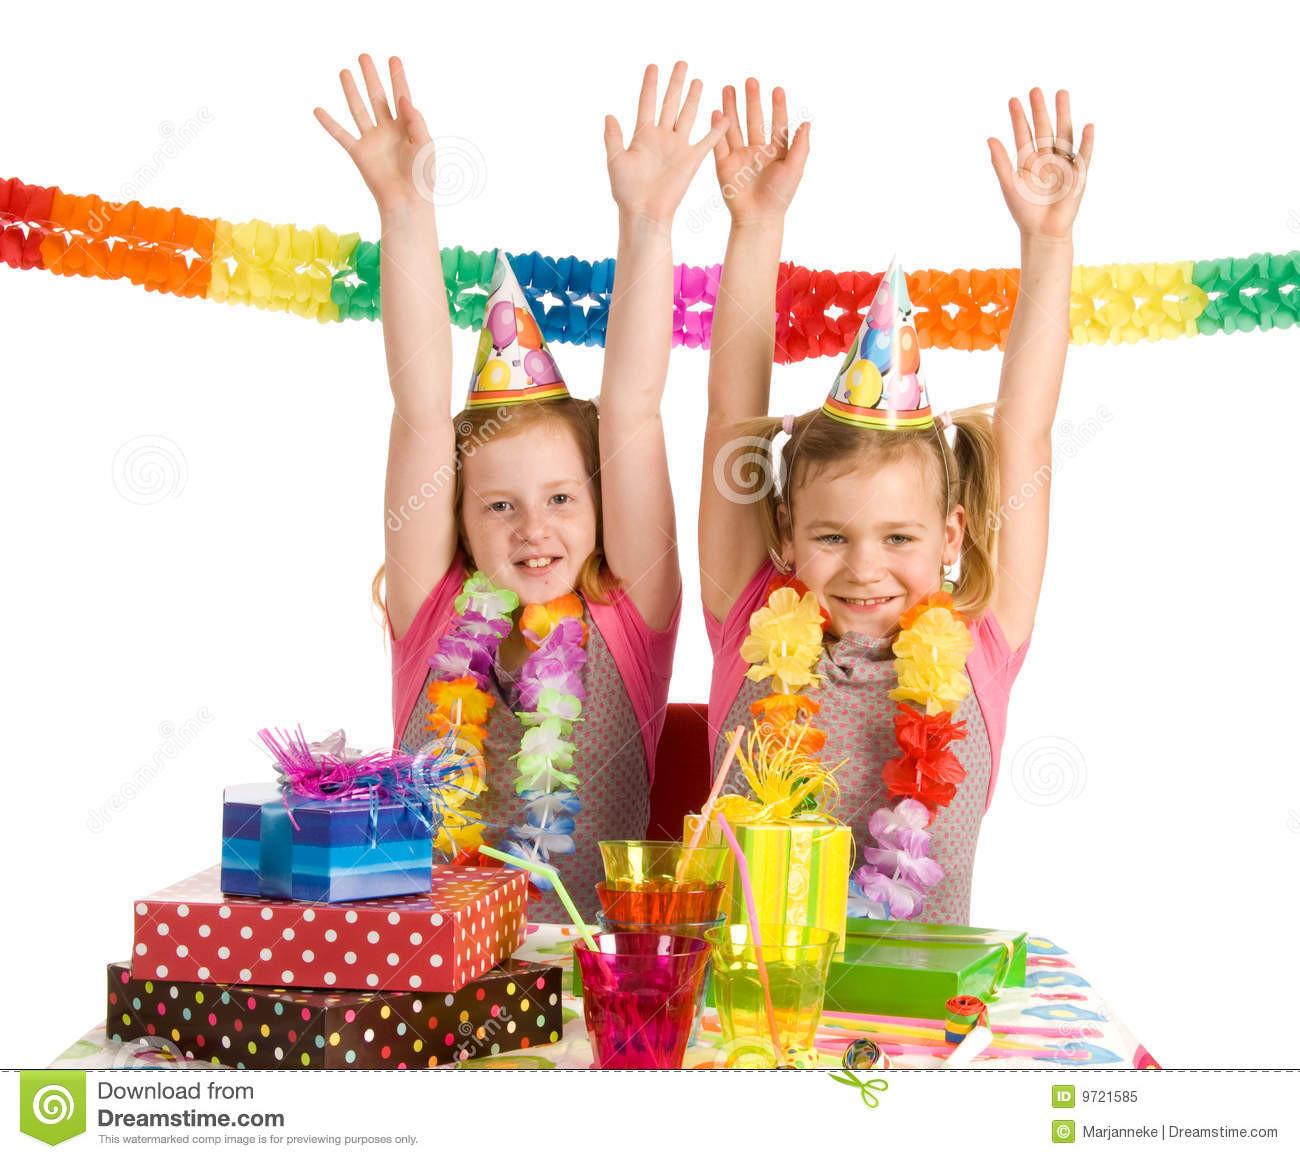 Geburtstagswünsche Für Zwillinge  Alles Gute Zum Geburtstag Zwillinge Mitteldeutsche